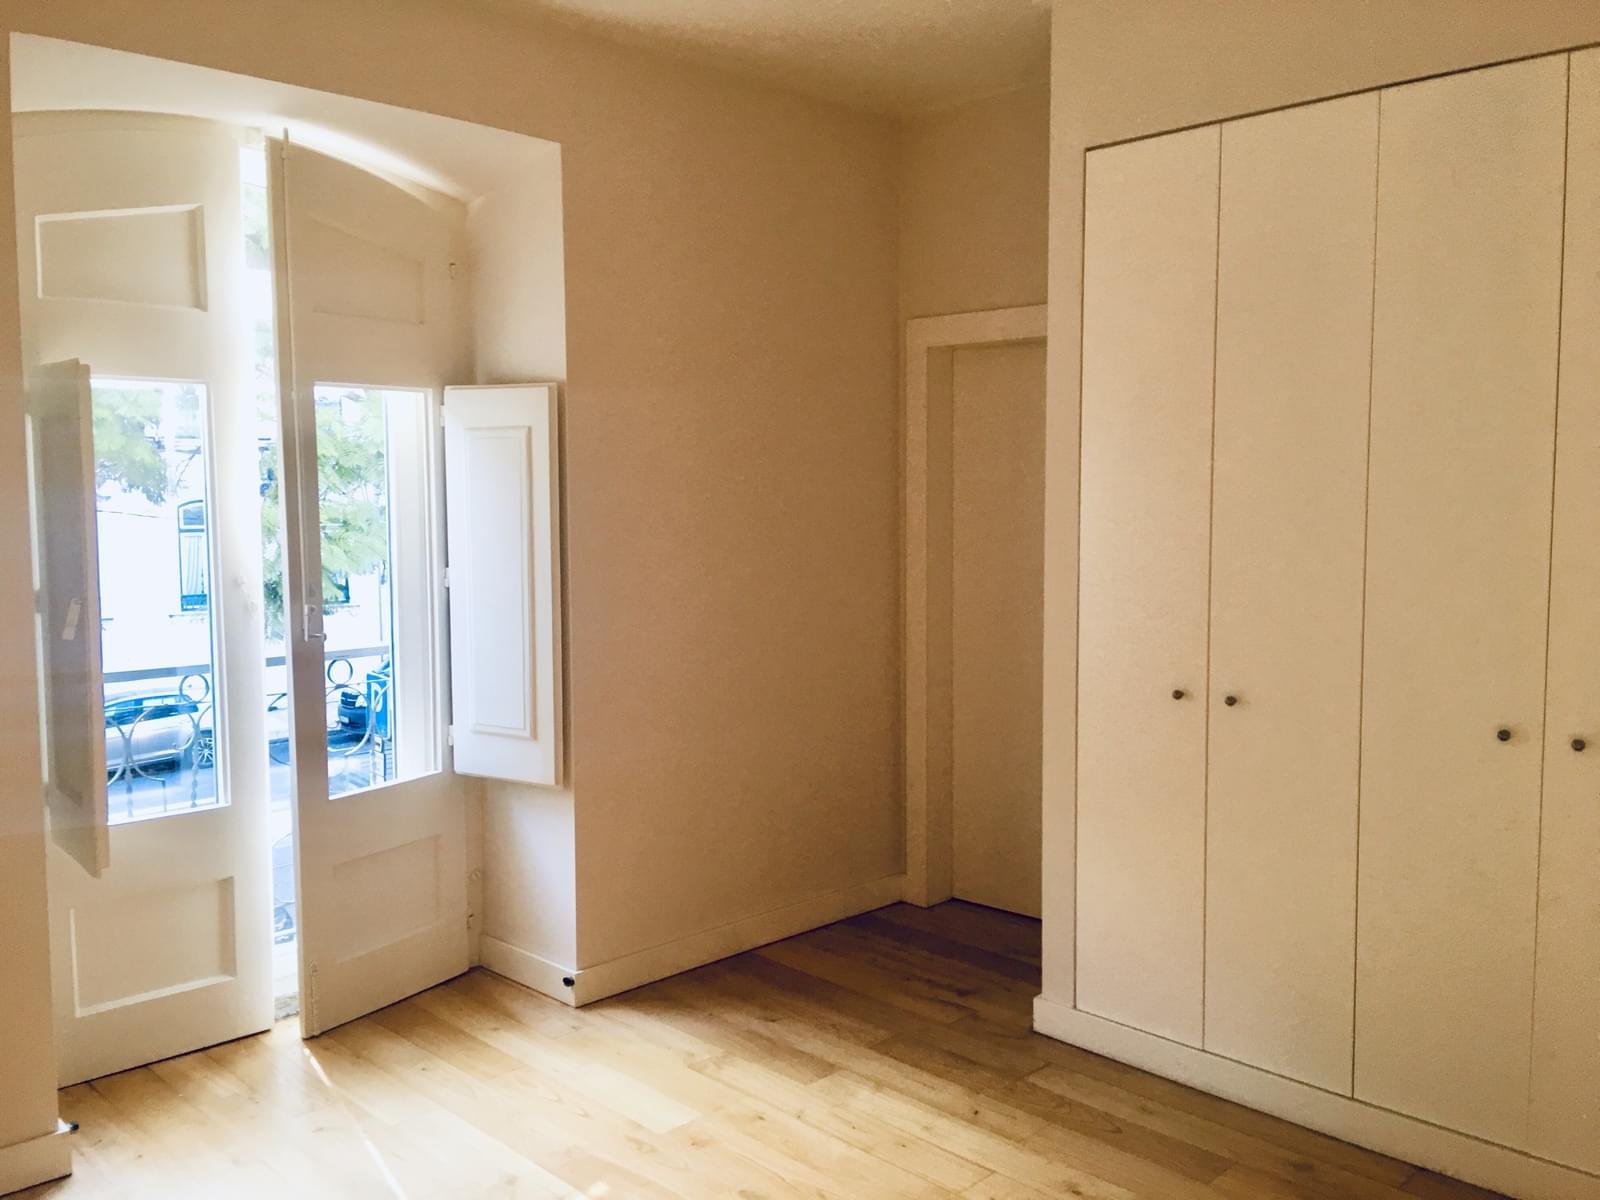 pf18822-apartamento-t1-lisboa-13579035-16d2-4636-838a-507b617e4d37